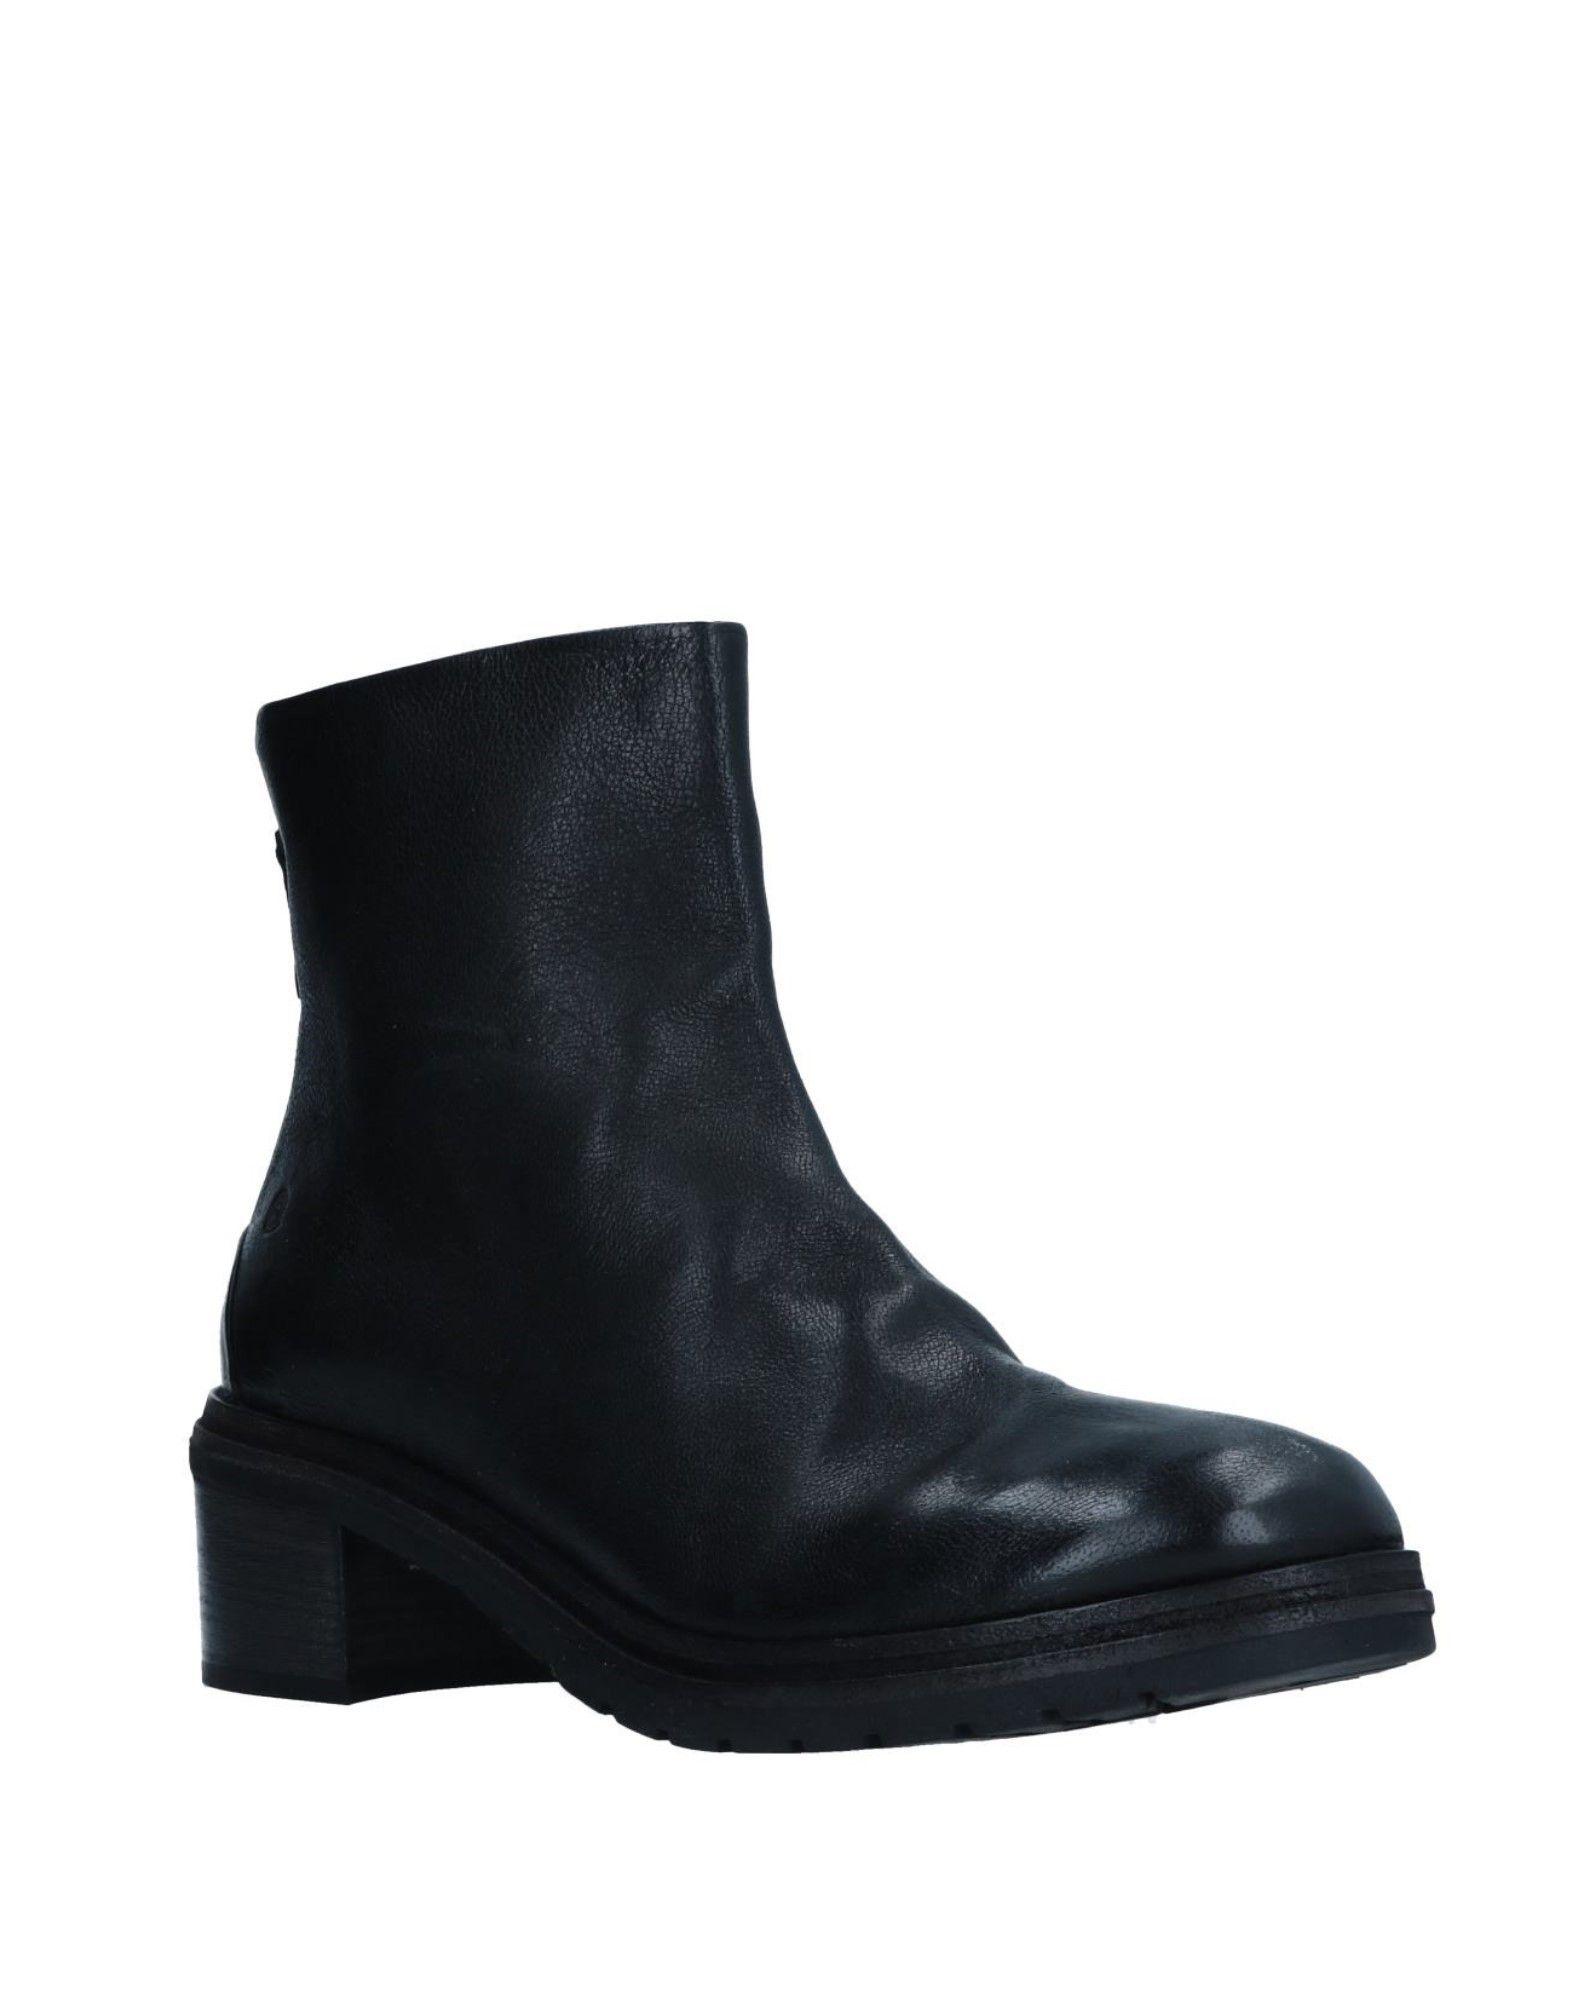 Marsèll gut Stiefelette Damen  11543362VIGünstige gut Marsèll aussehende Schuhe b759bb